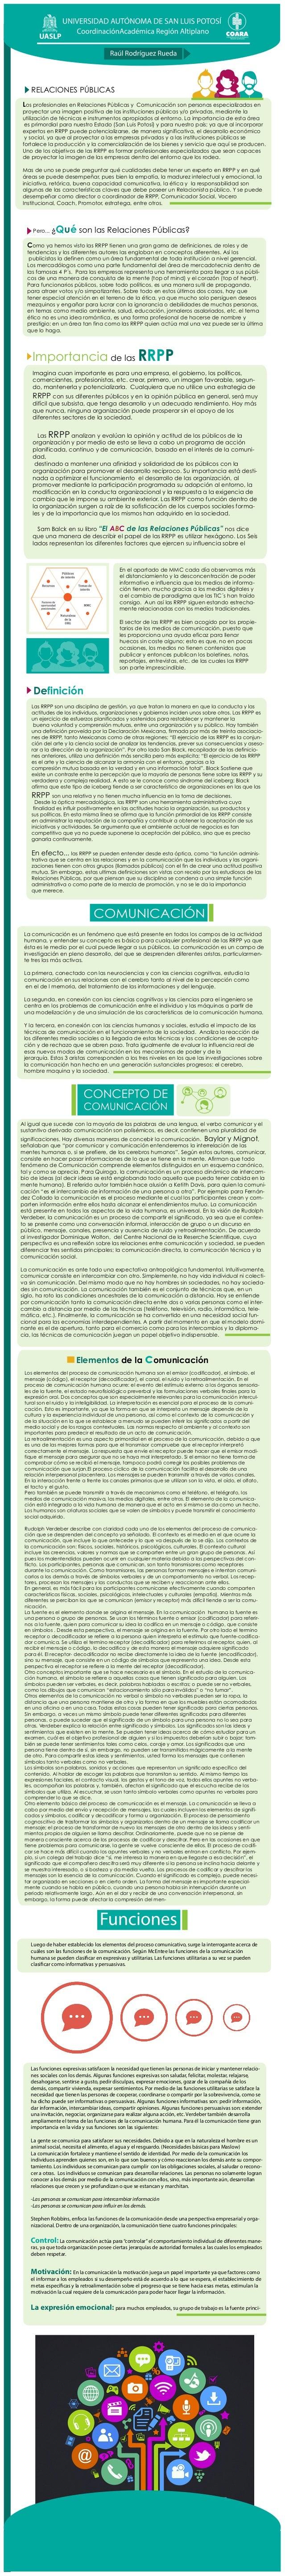 RELACIONES PÚBLICAS Los profesionales en Relaciones Públicas y Comunicación son personas especializadas en proyectar una i...